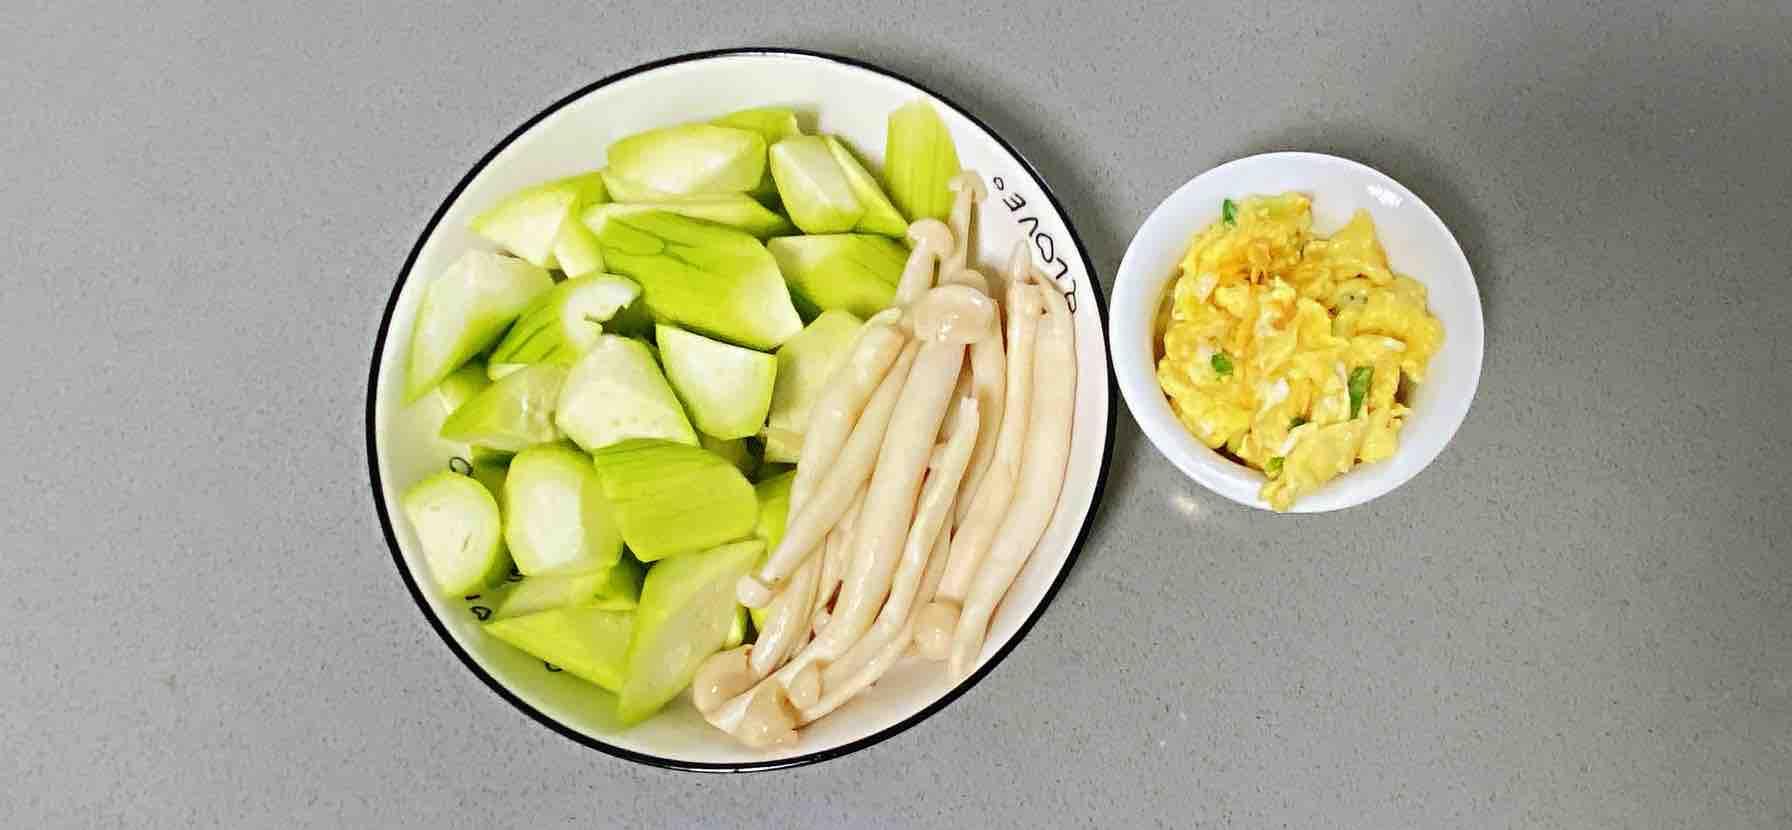 鸡蛋白玉菇焖丝瓜,清淡又鲜香,简单却营养~怎么做